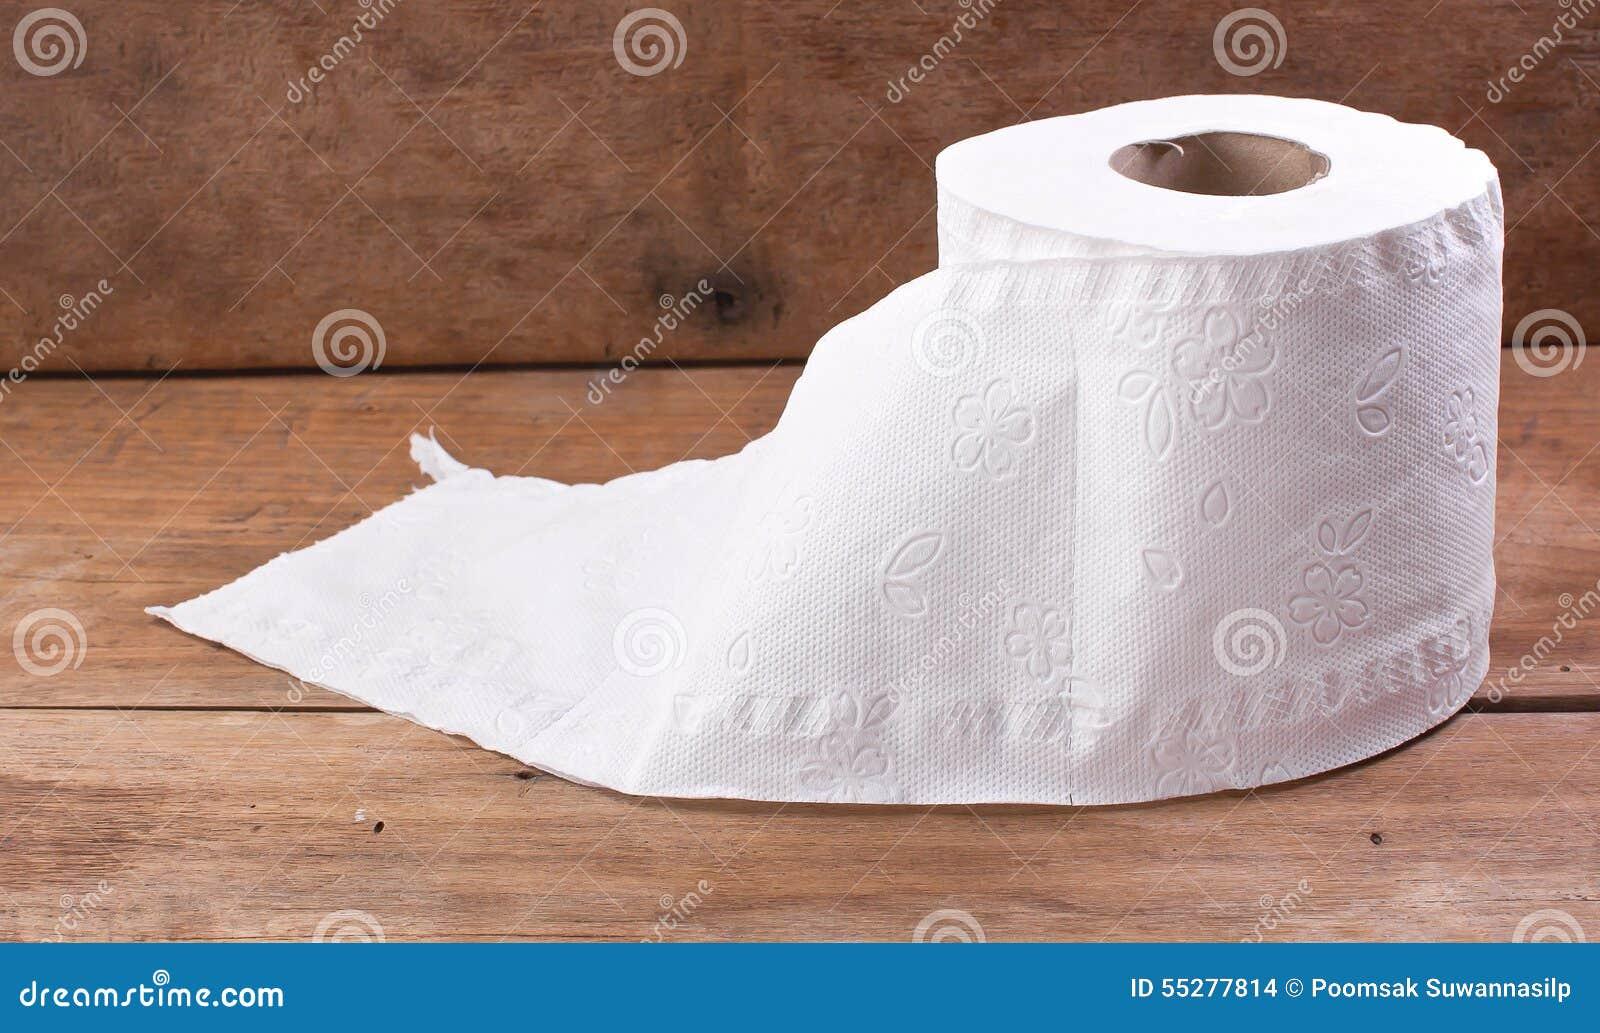 Toiletpapierbroodje, dat op een houten bureau rust